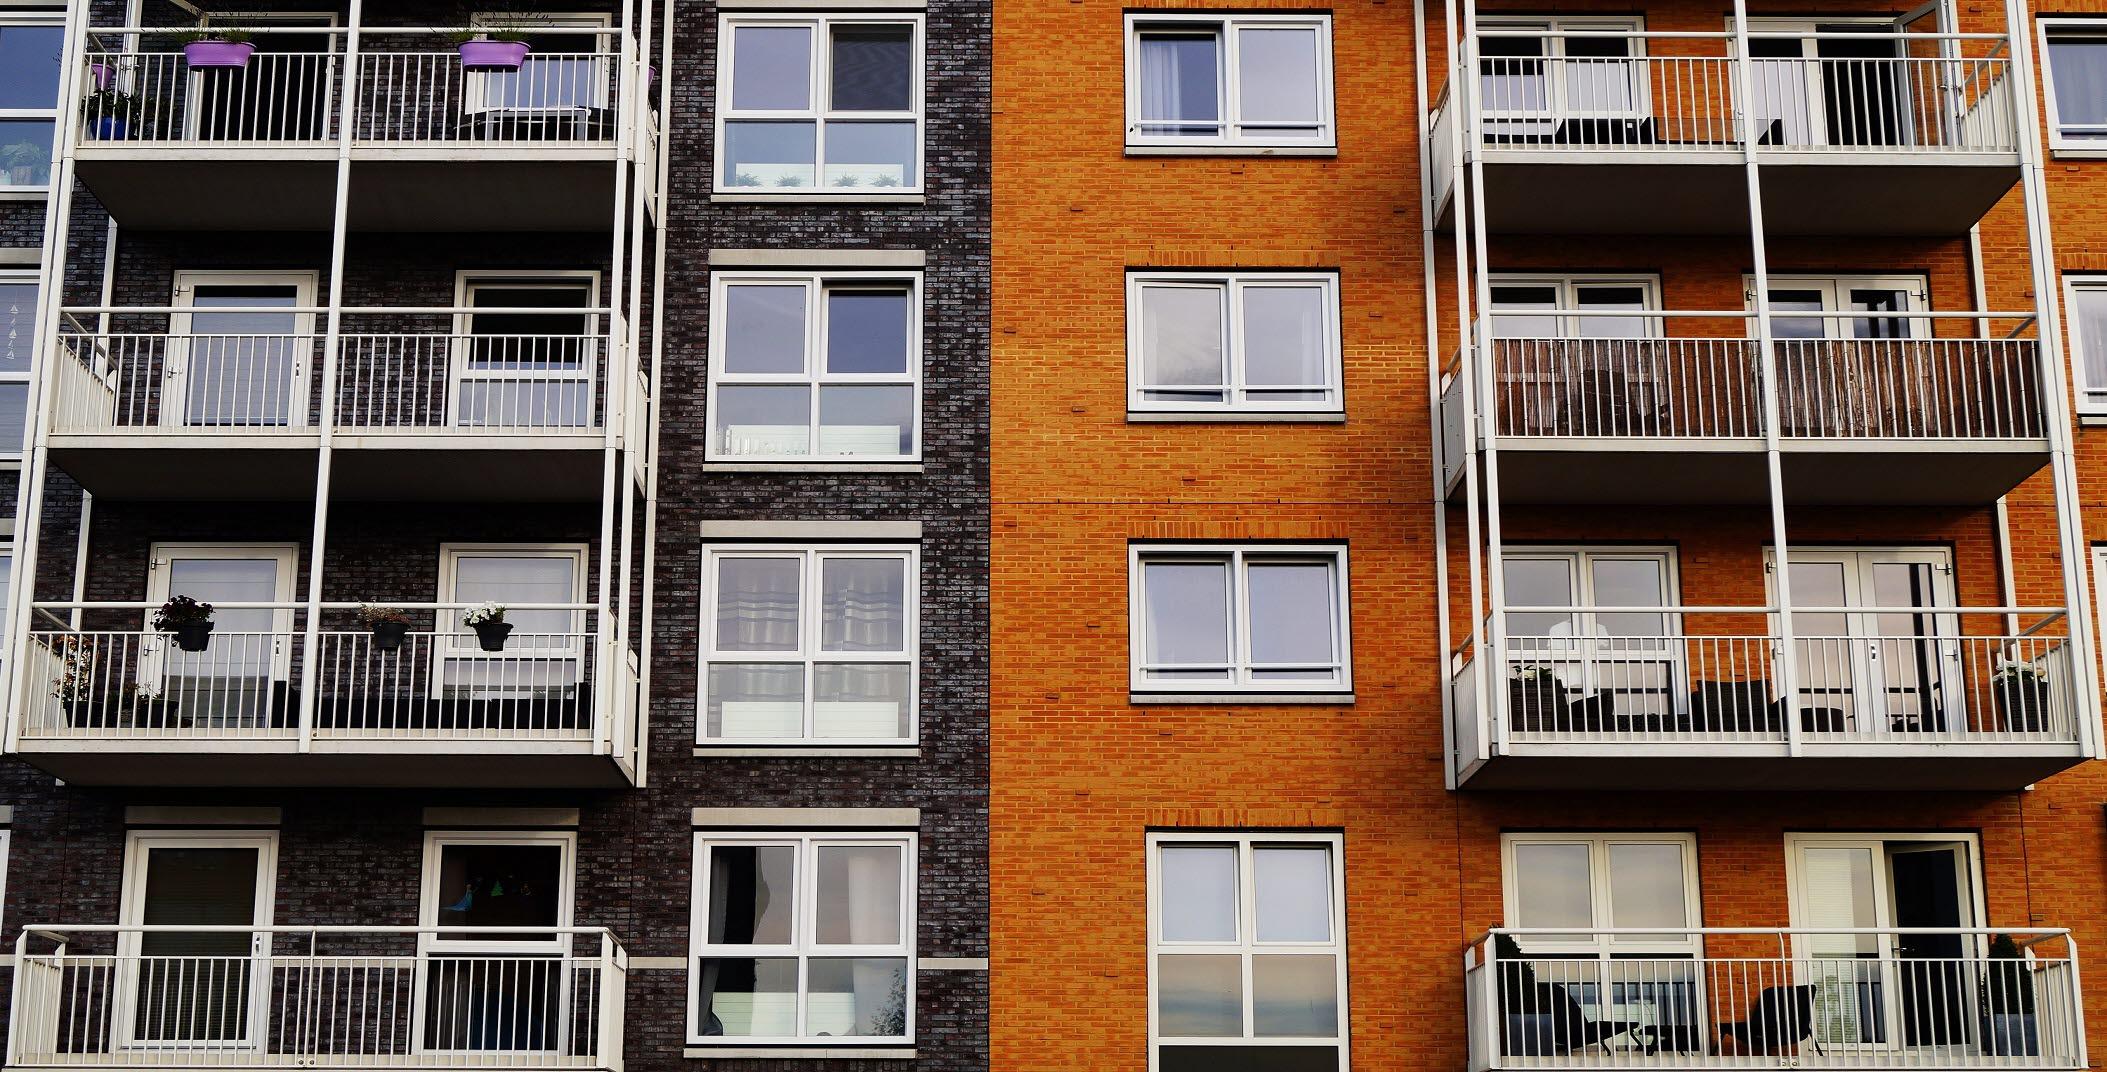 Apartment, balcony, pexels, 220618, mb